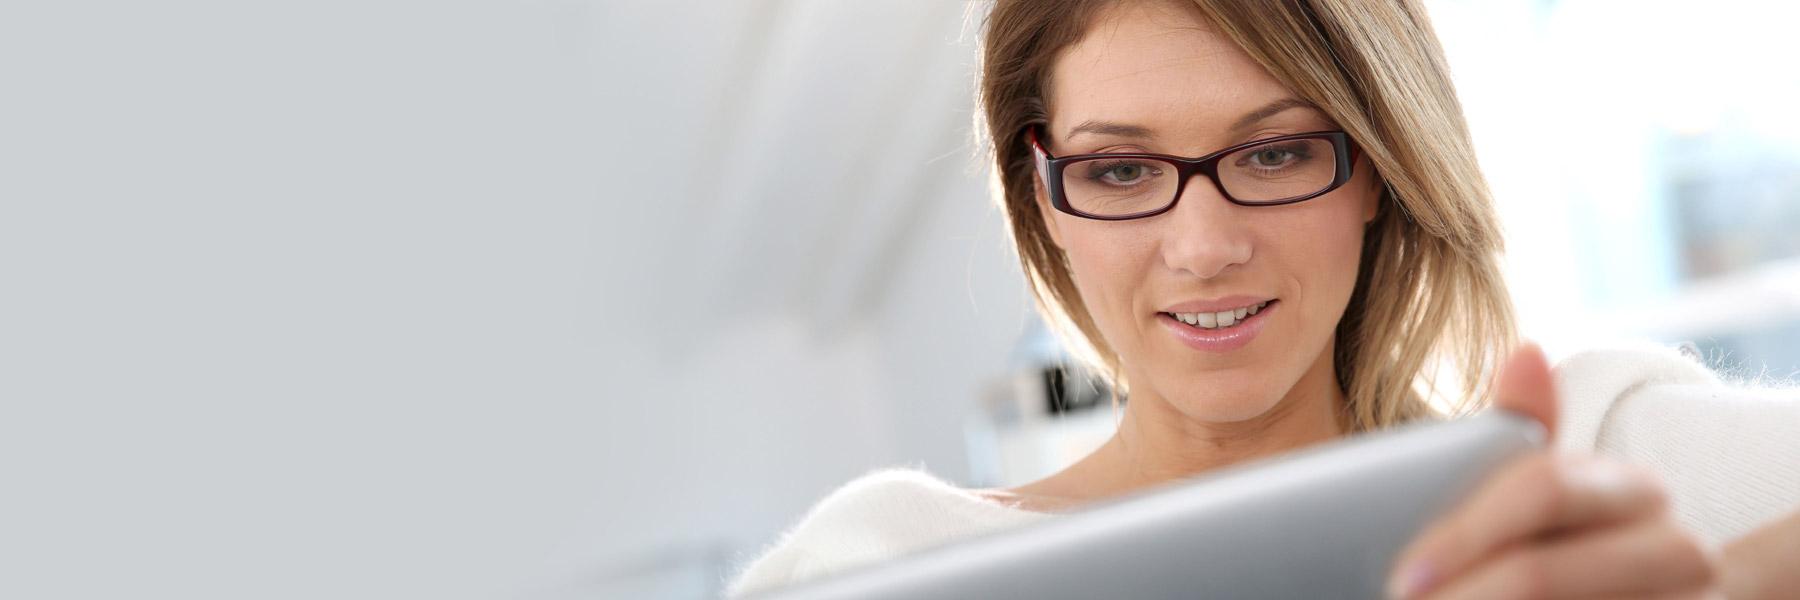 Des technologies plus modernes pour Belmont – Jeune femme consultant une tablette